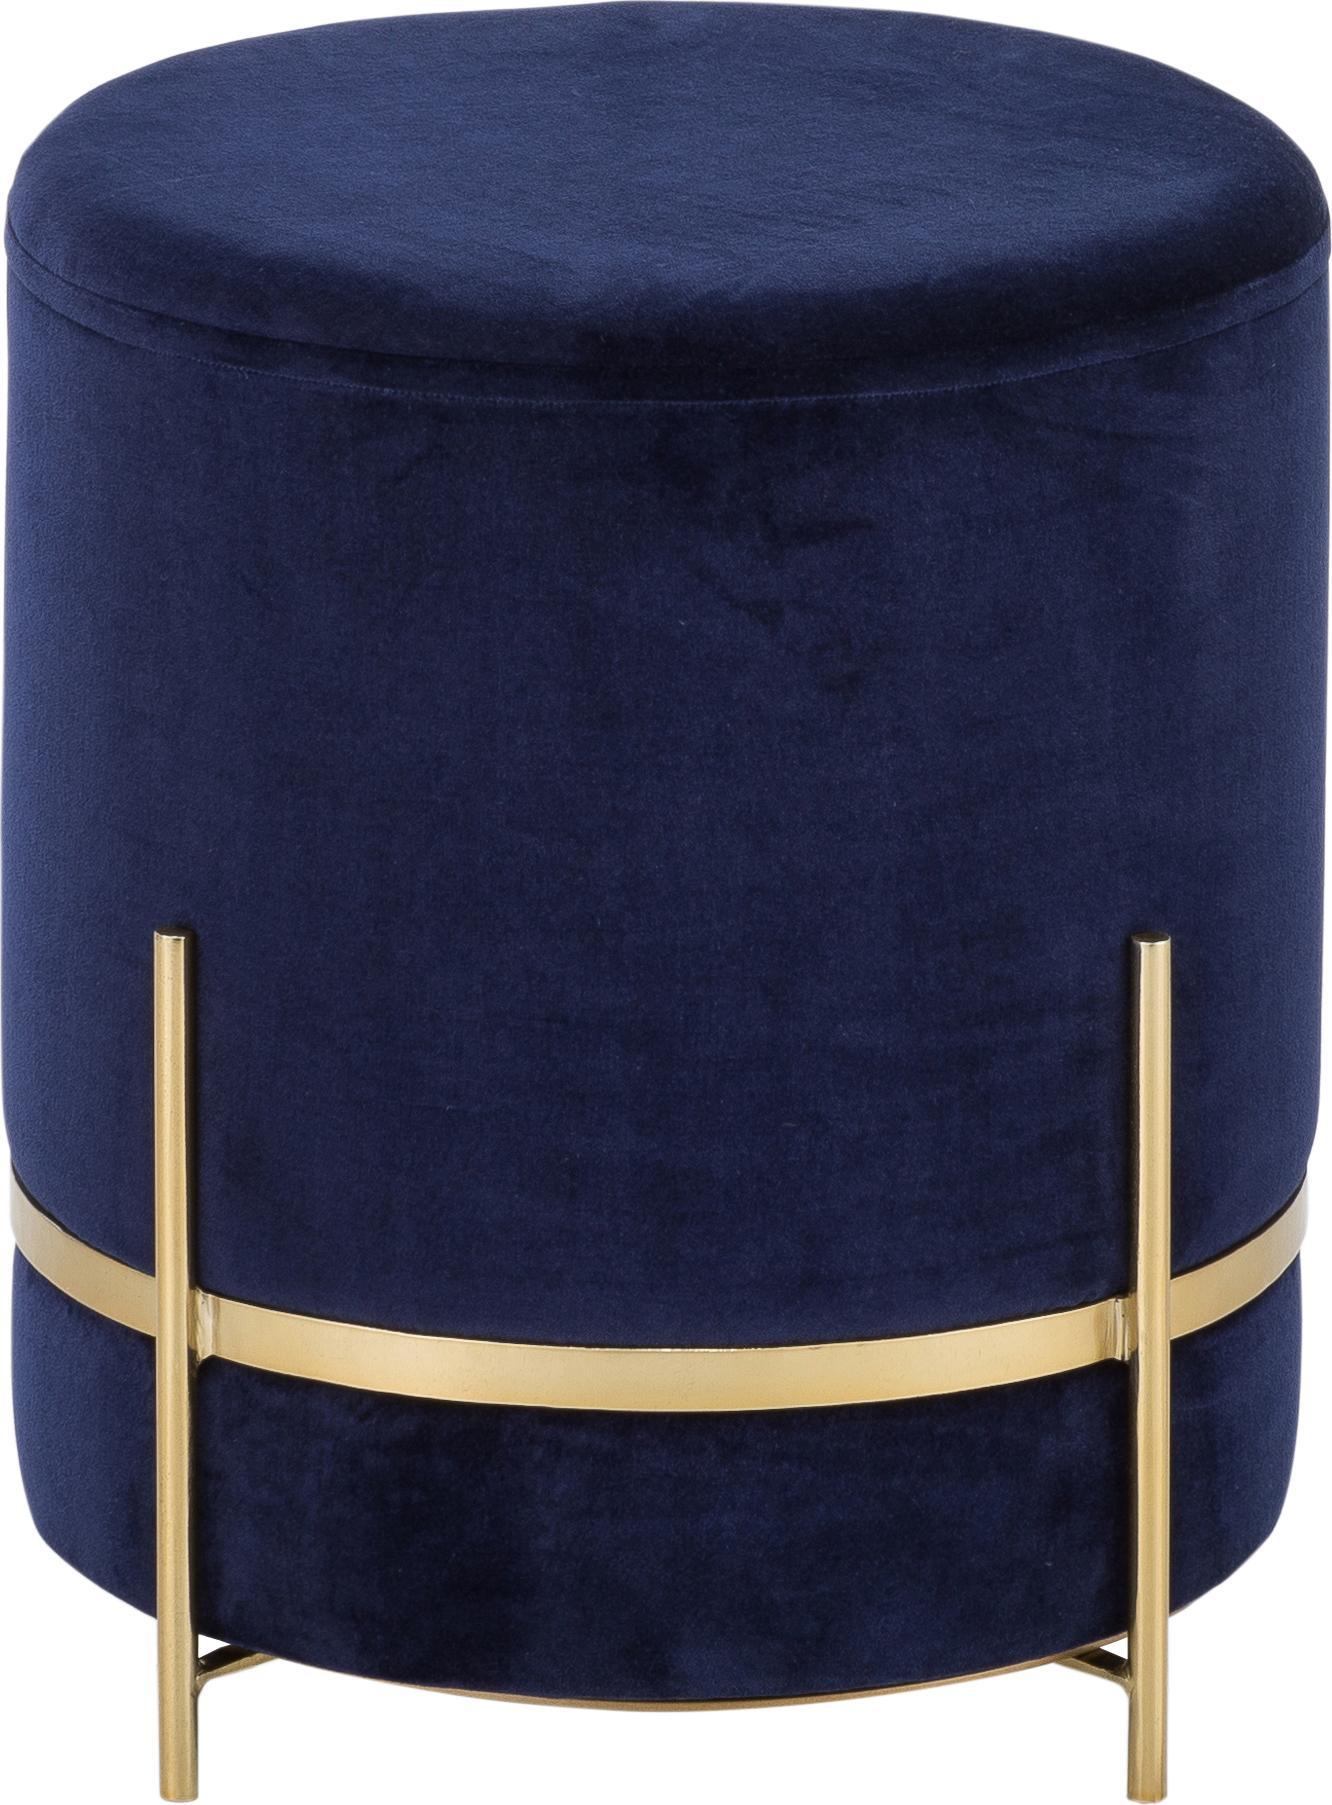 Puf z aksamitu Haven, Tapicerka: aksamit bawełniany, Marynarski granat, odcienie złotego, Ø 38 x W 45 cm